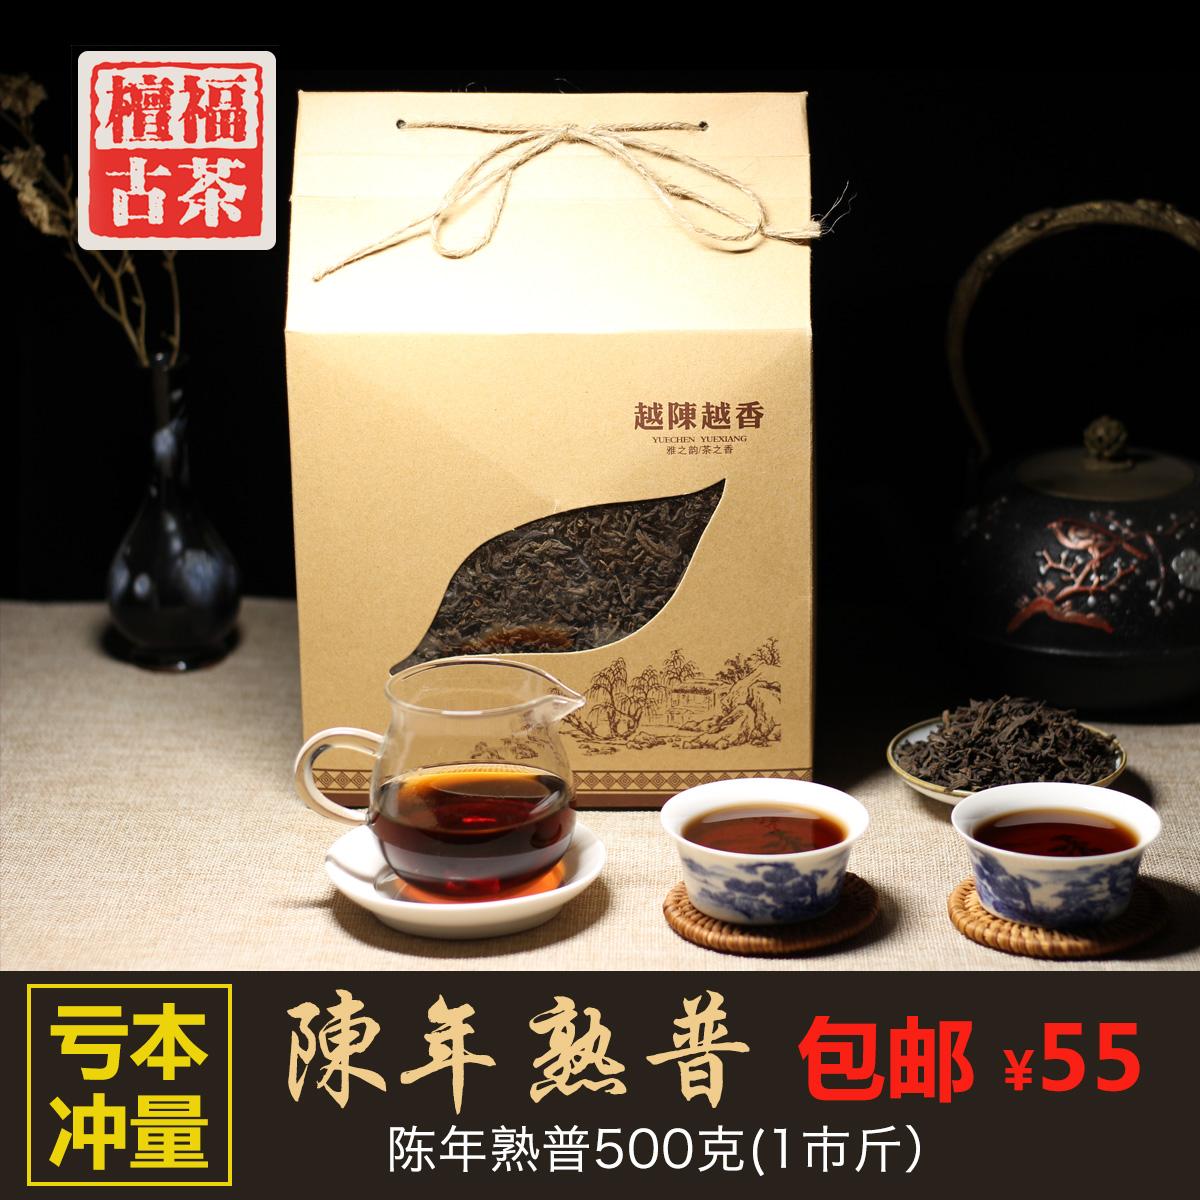 云南普洱茶熟茶特级陈年熟普500克 宫廷勐海味茶叶 厂家直销包邮